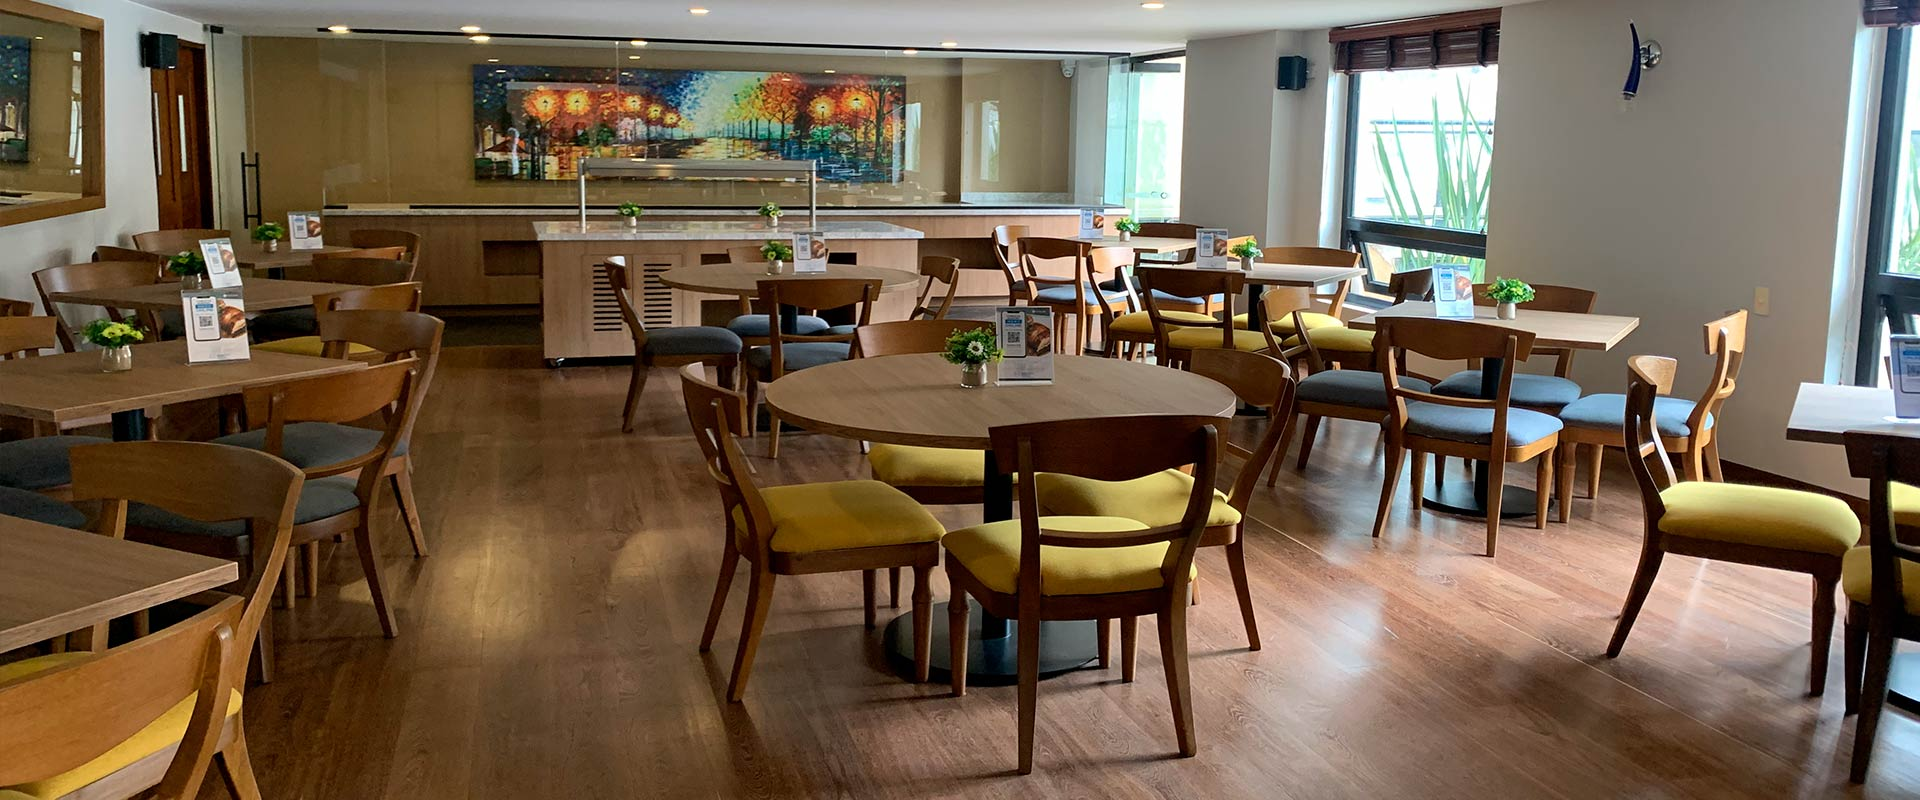 Restaurante-Suites-Jones